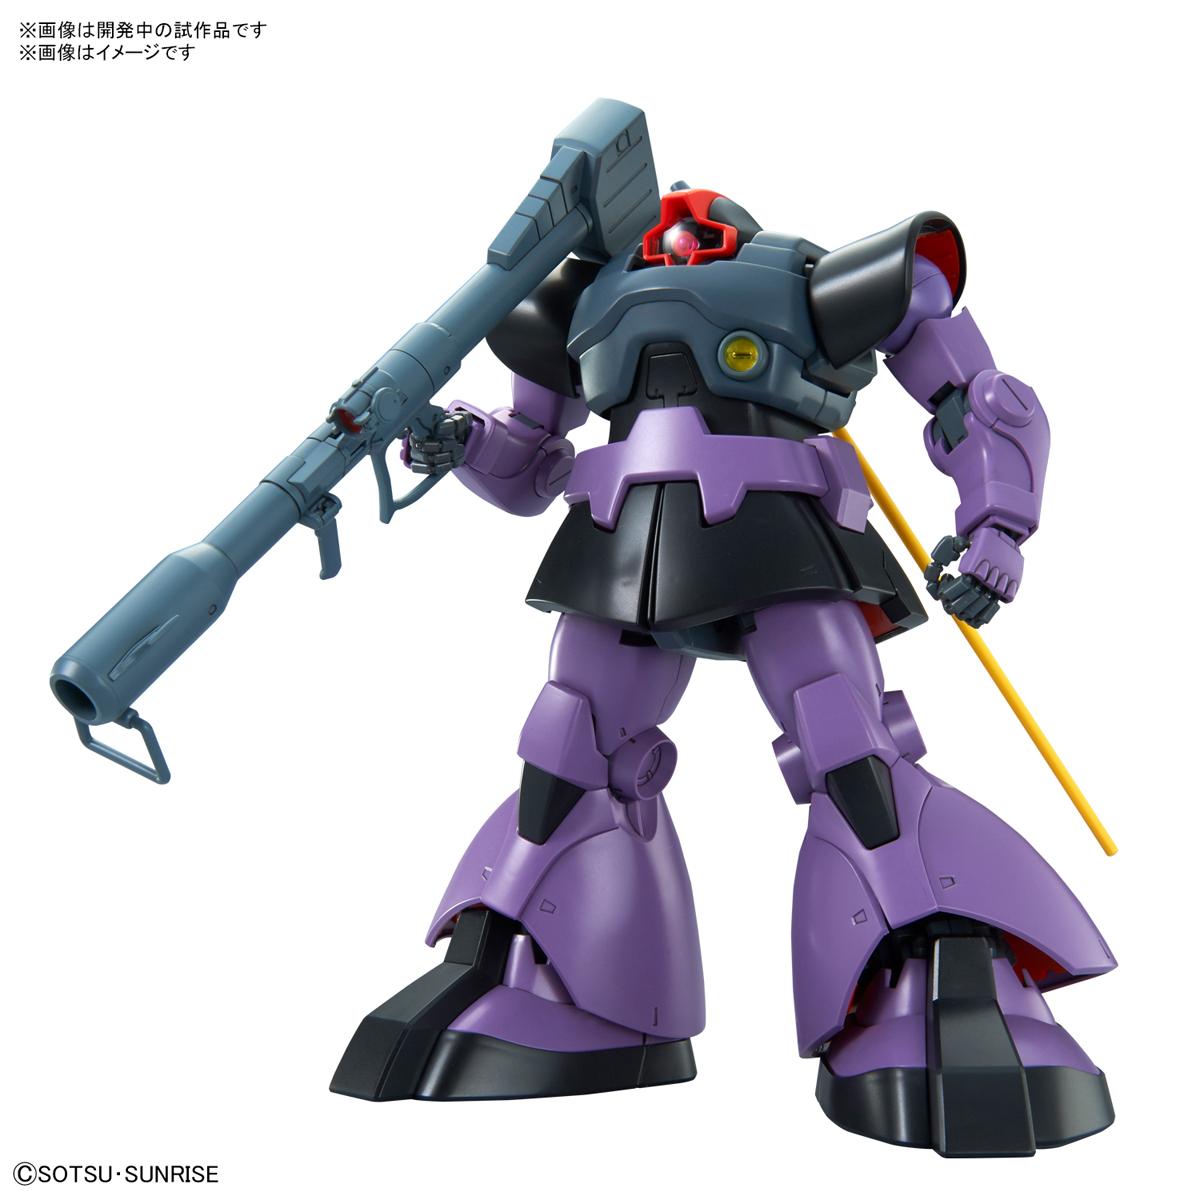 MG 1/100『ドム』機動戦士ガンダム プラモデル-001